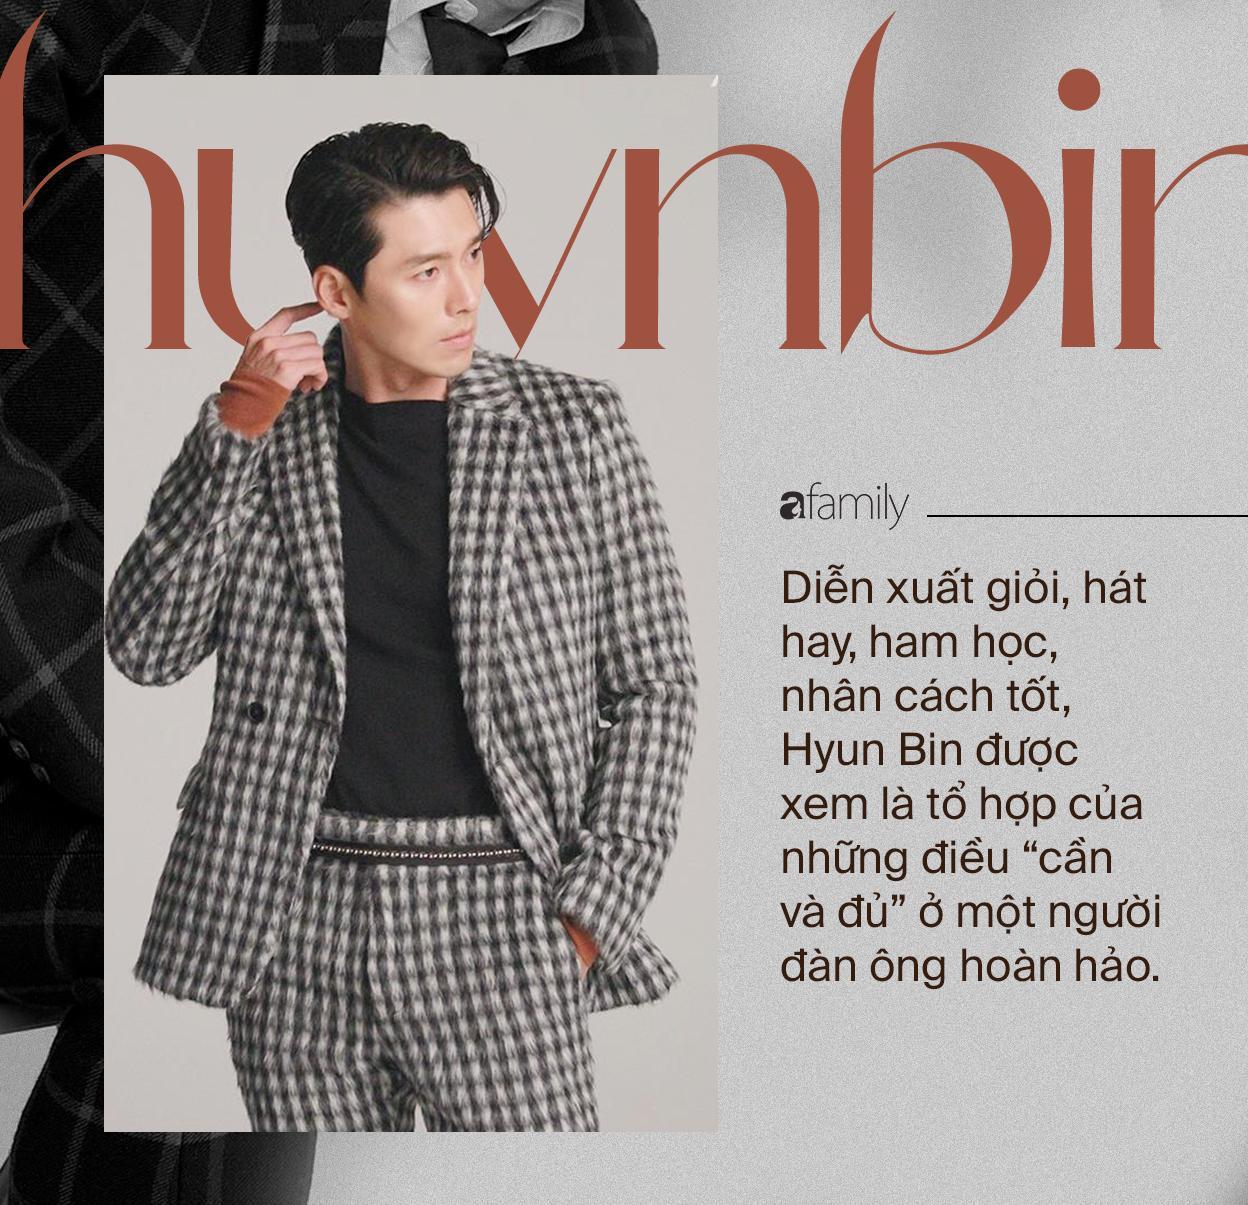 'Đàn ông Thiên Bình' Hyun Bin: Mỹ nam hoàn hảo trong mơ của hàng triệu phụ nữ 9